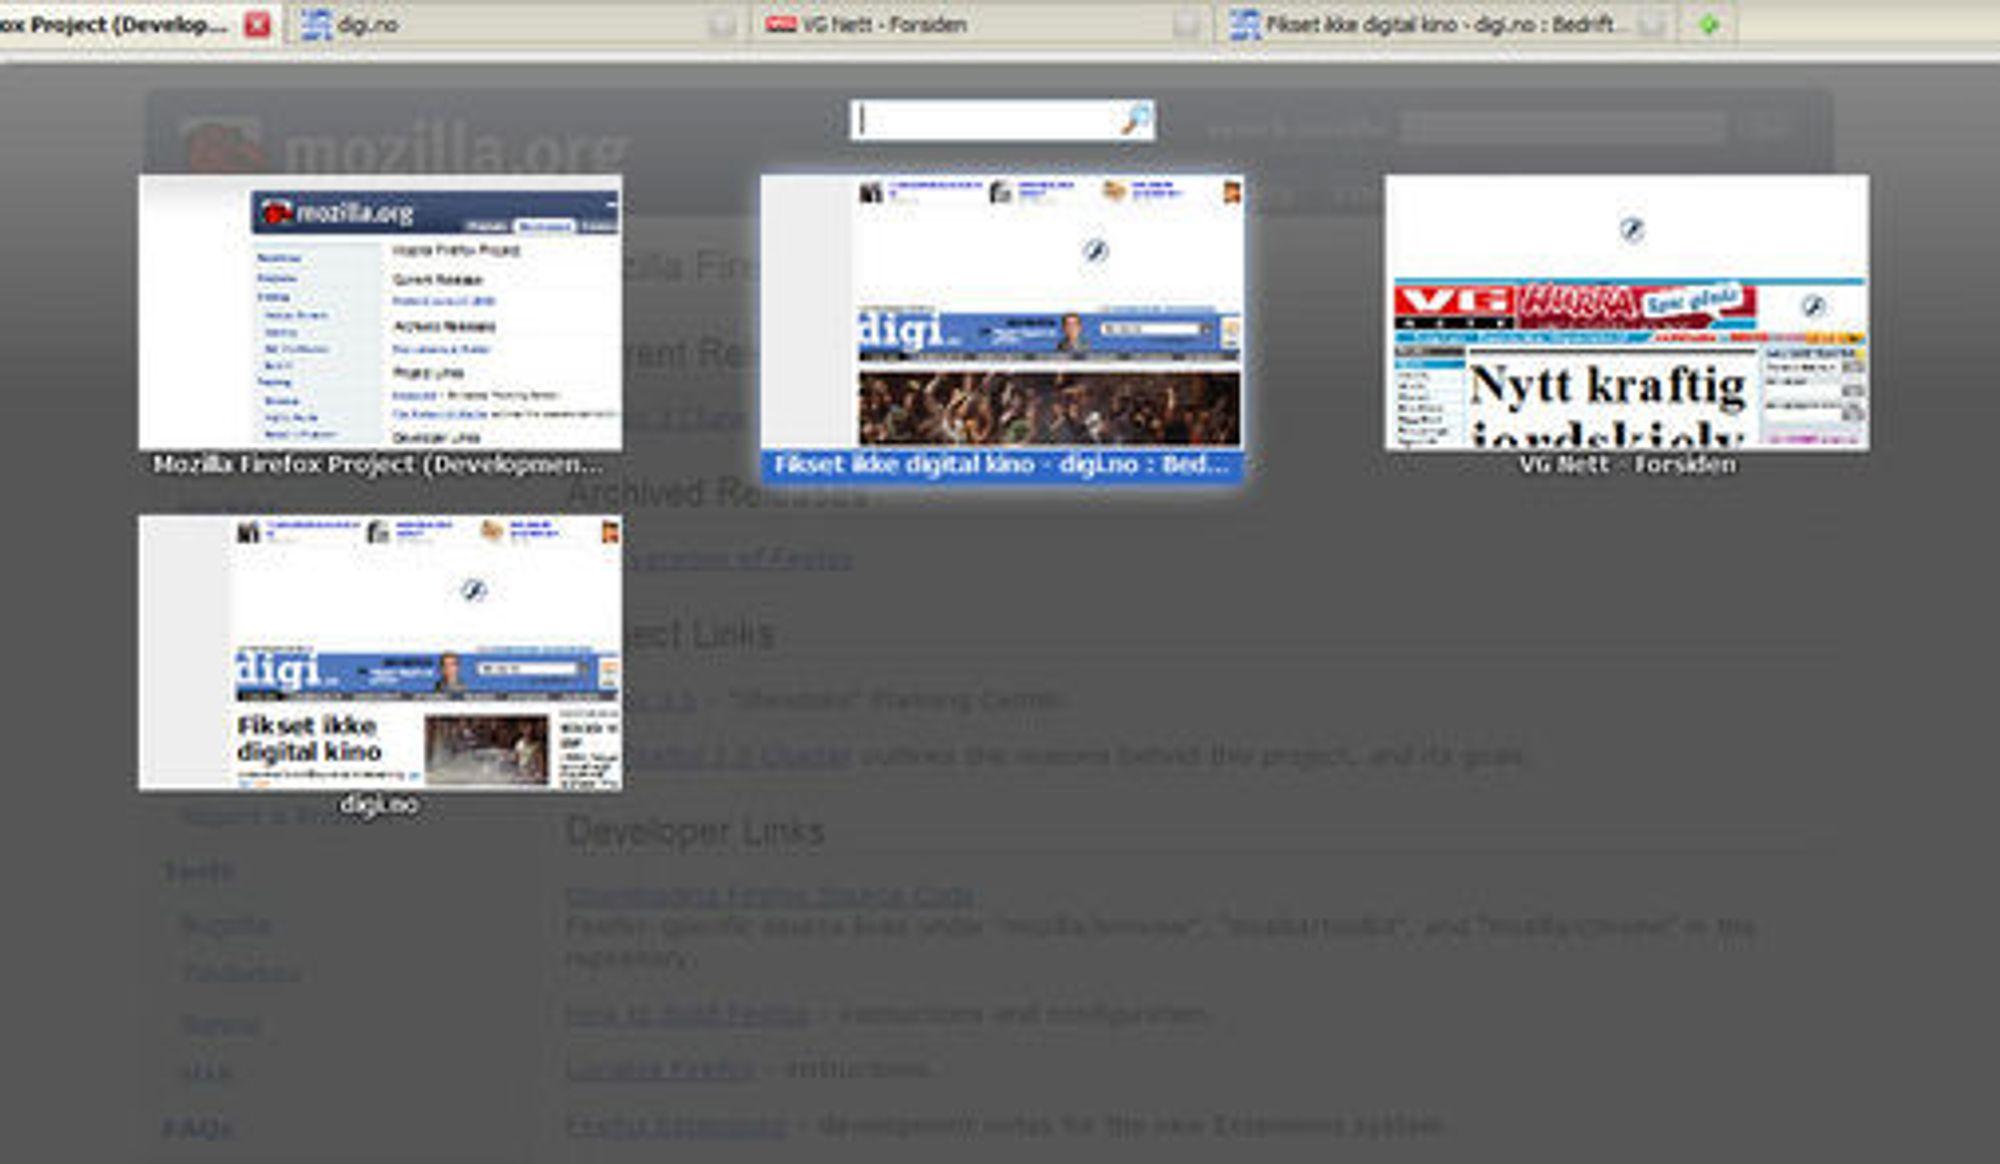 Søk blant de åpne fanene i Firefox 3.6.